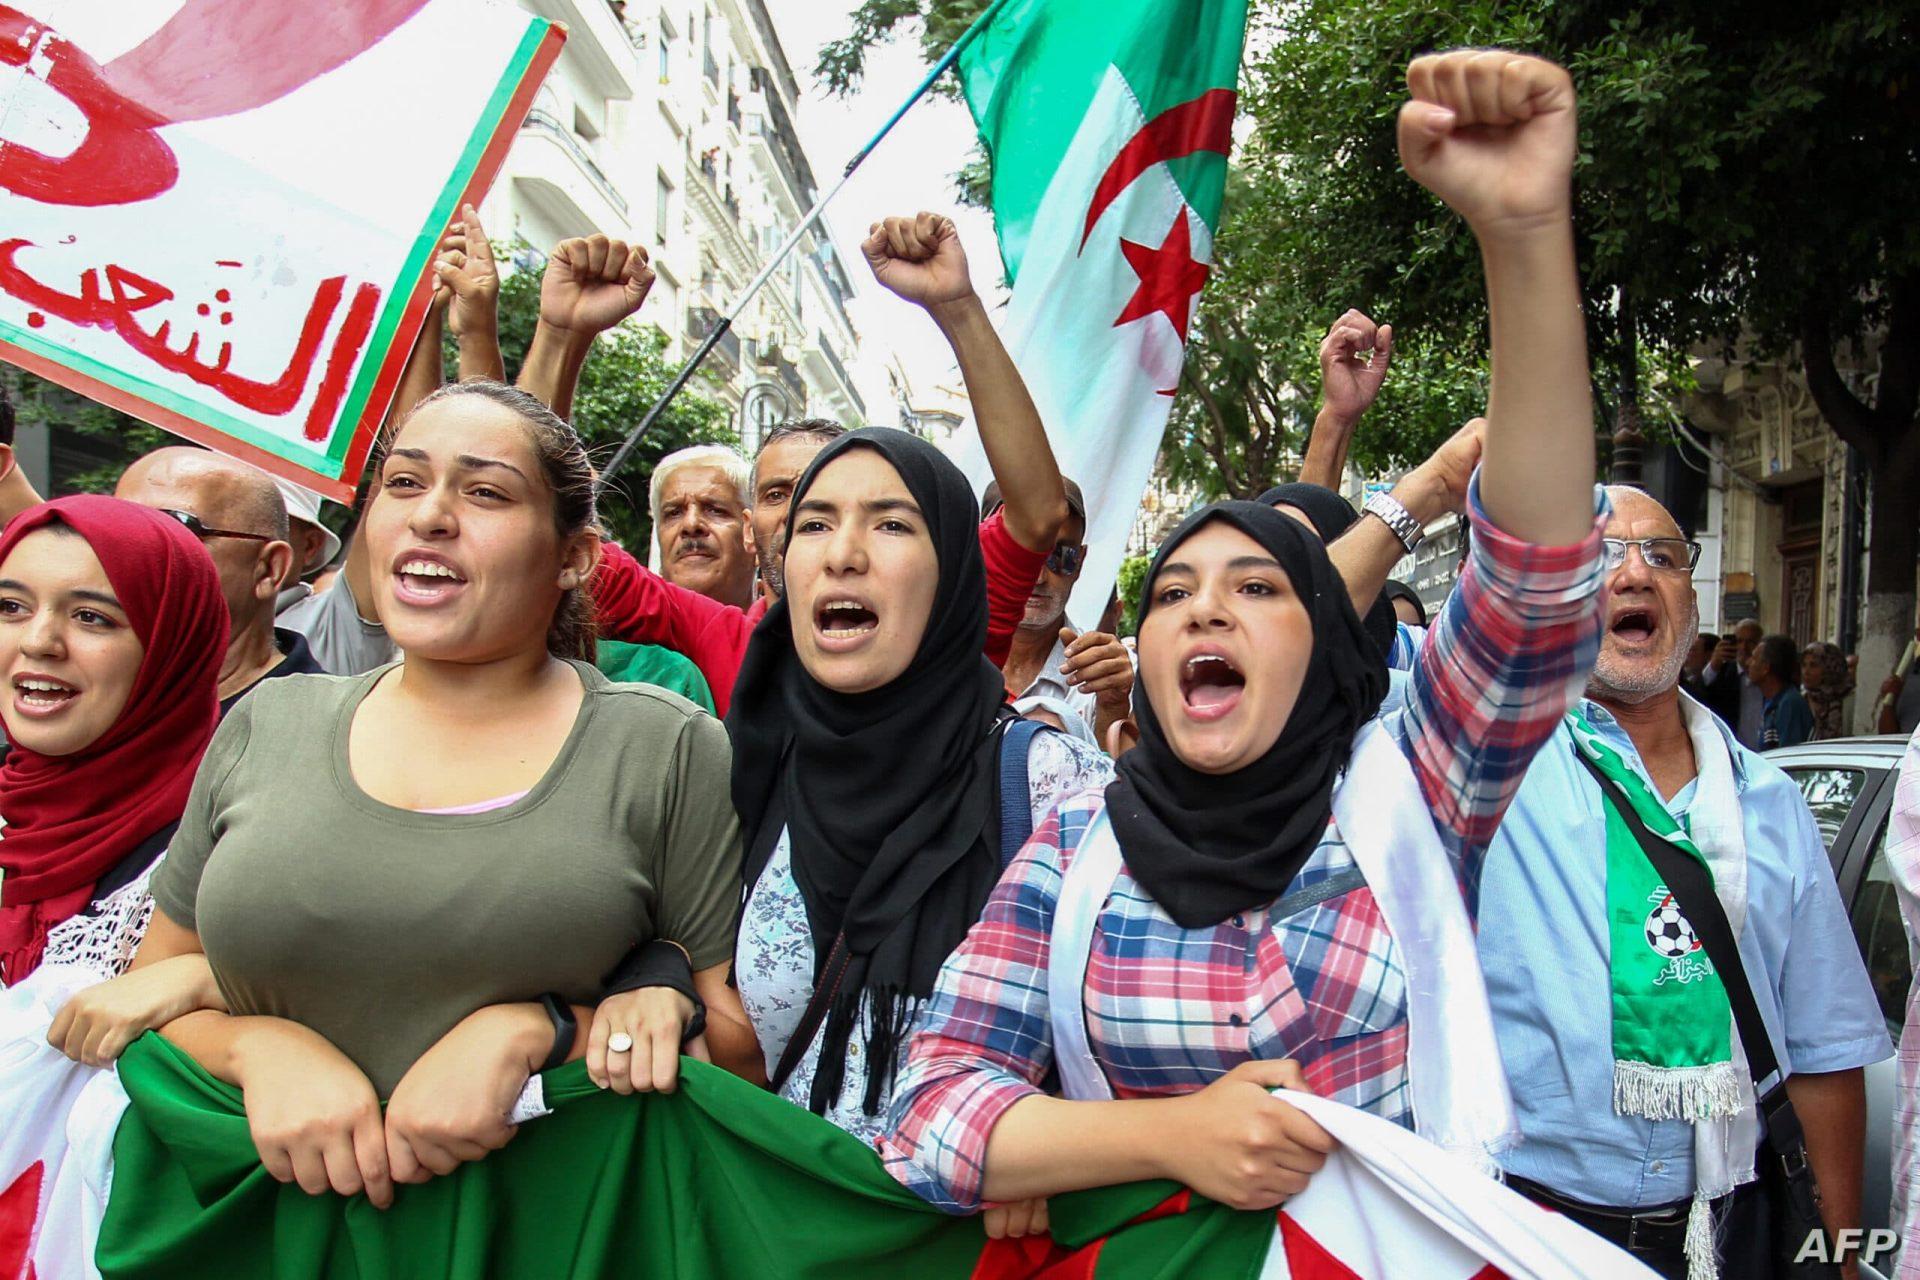 الجزائر على وشك الإفلاس.. ماذا يحدث هناك